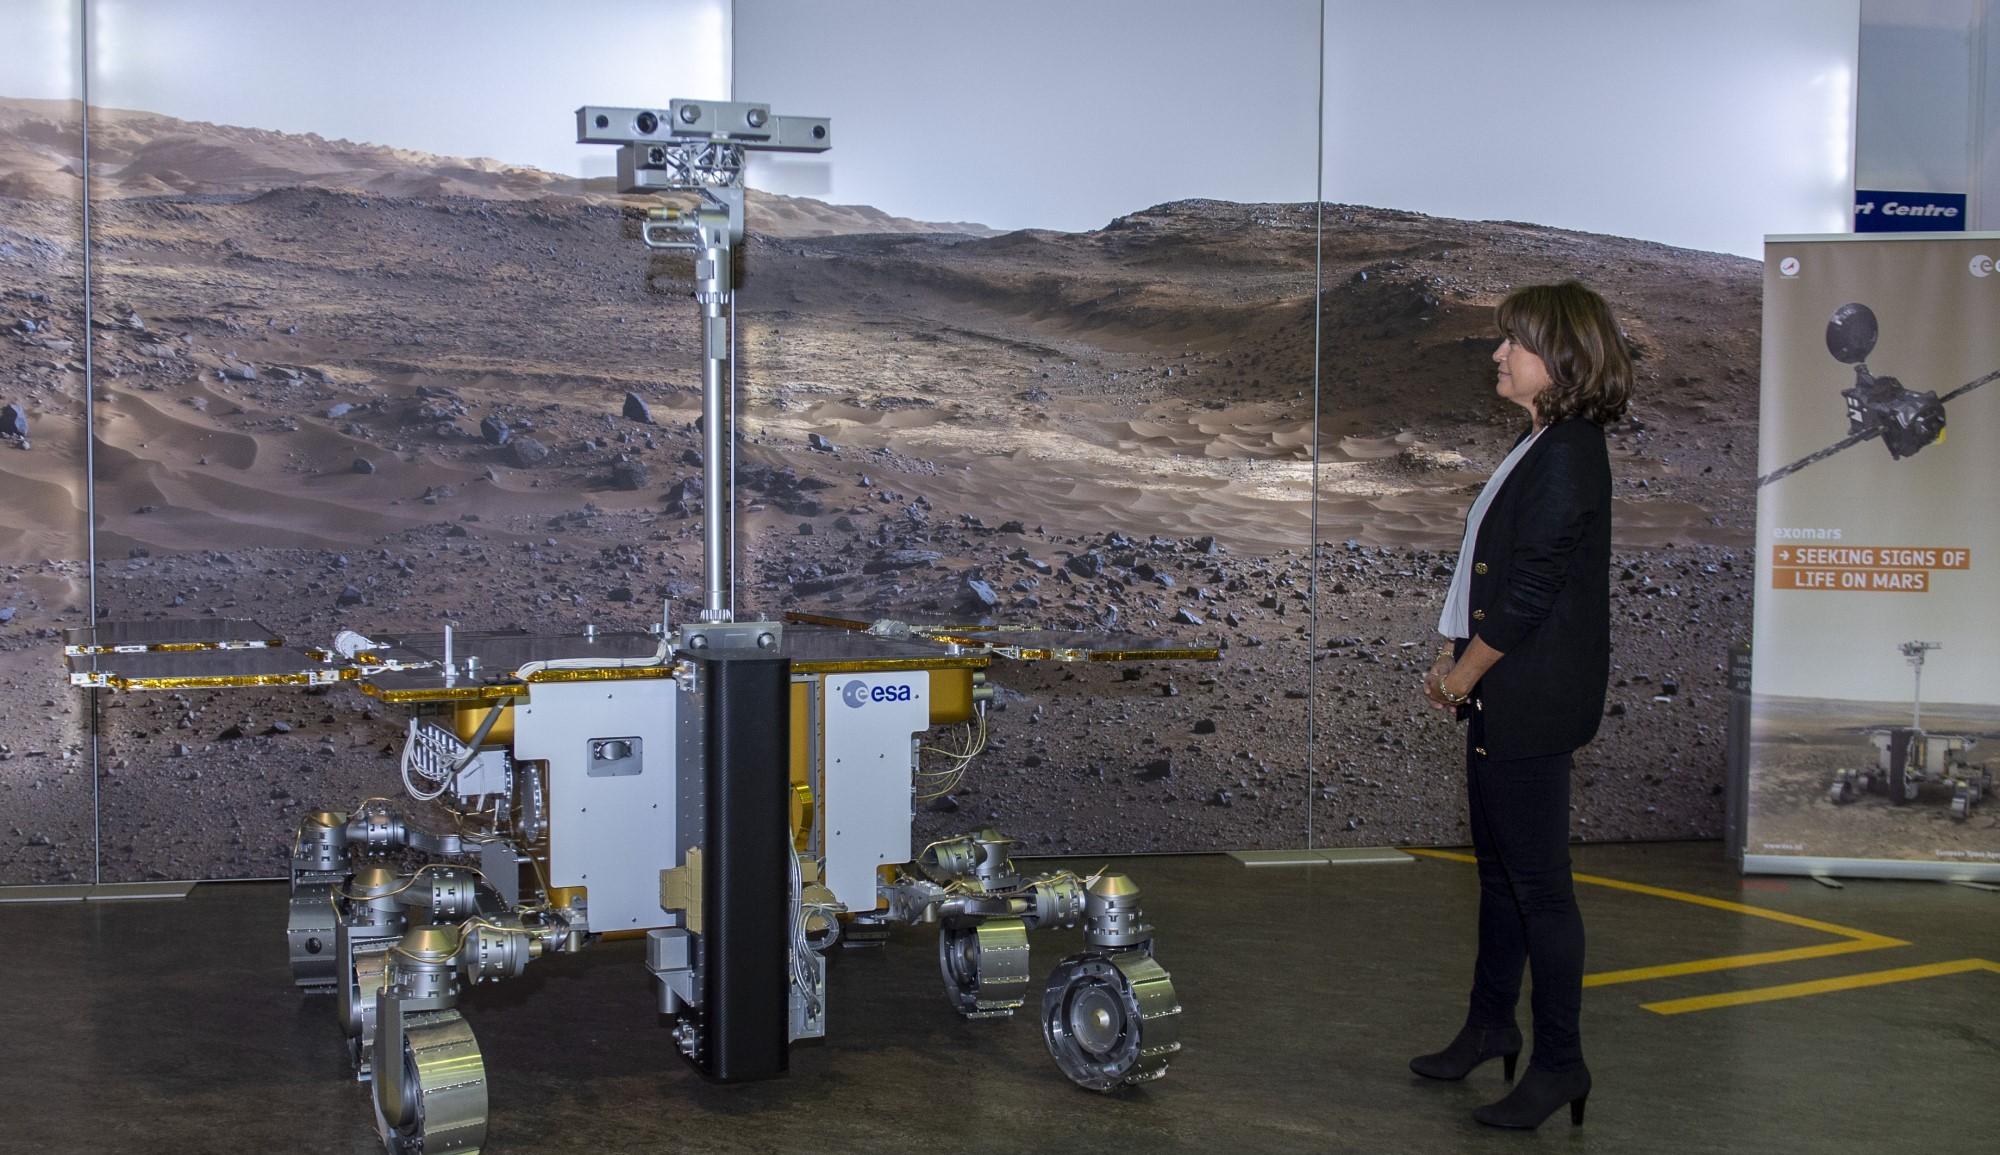 Niesen til Rosalind Franklin, som også heter Rosalind, fikk se en fullskala modell av roveren da hun var på besøk hos ESA i 2018. Foto: ESA/G. Porter